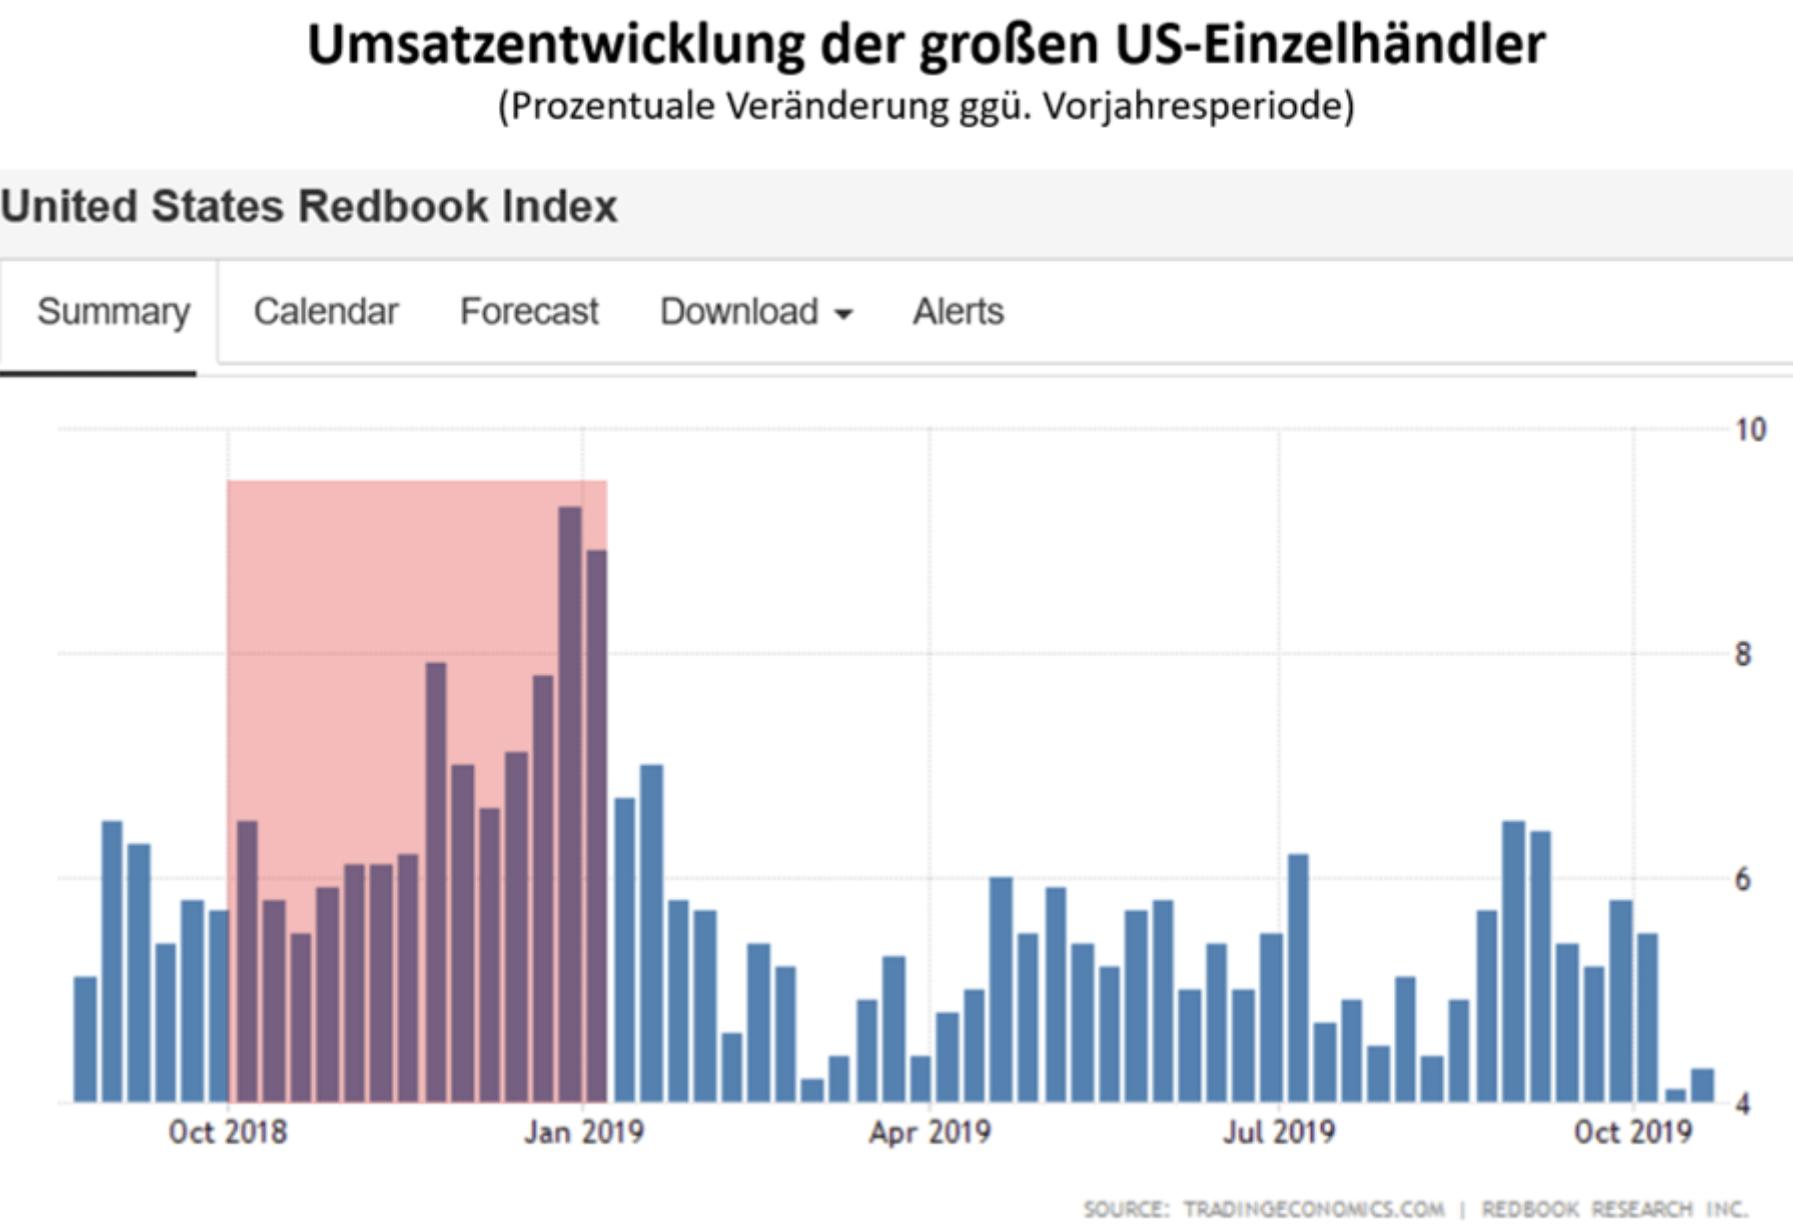 Umsatzentwicklung US-Einzelhändler